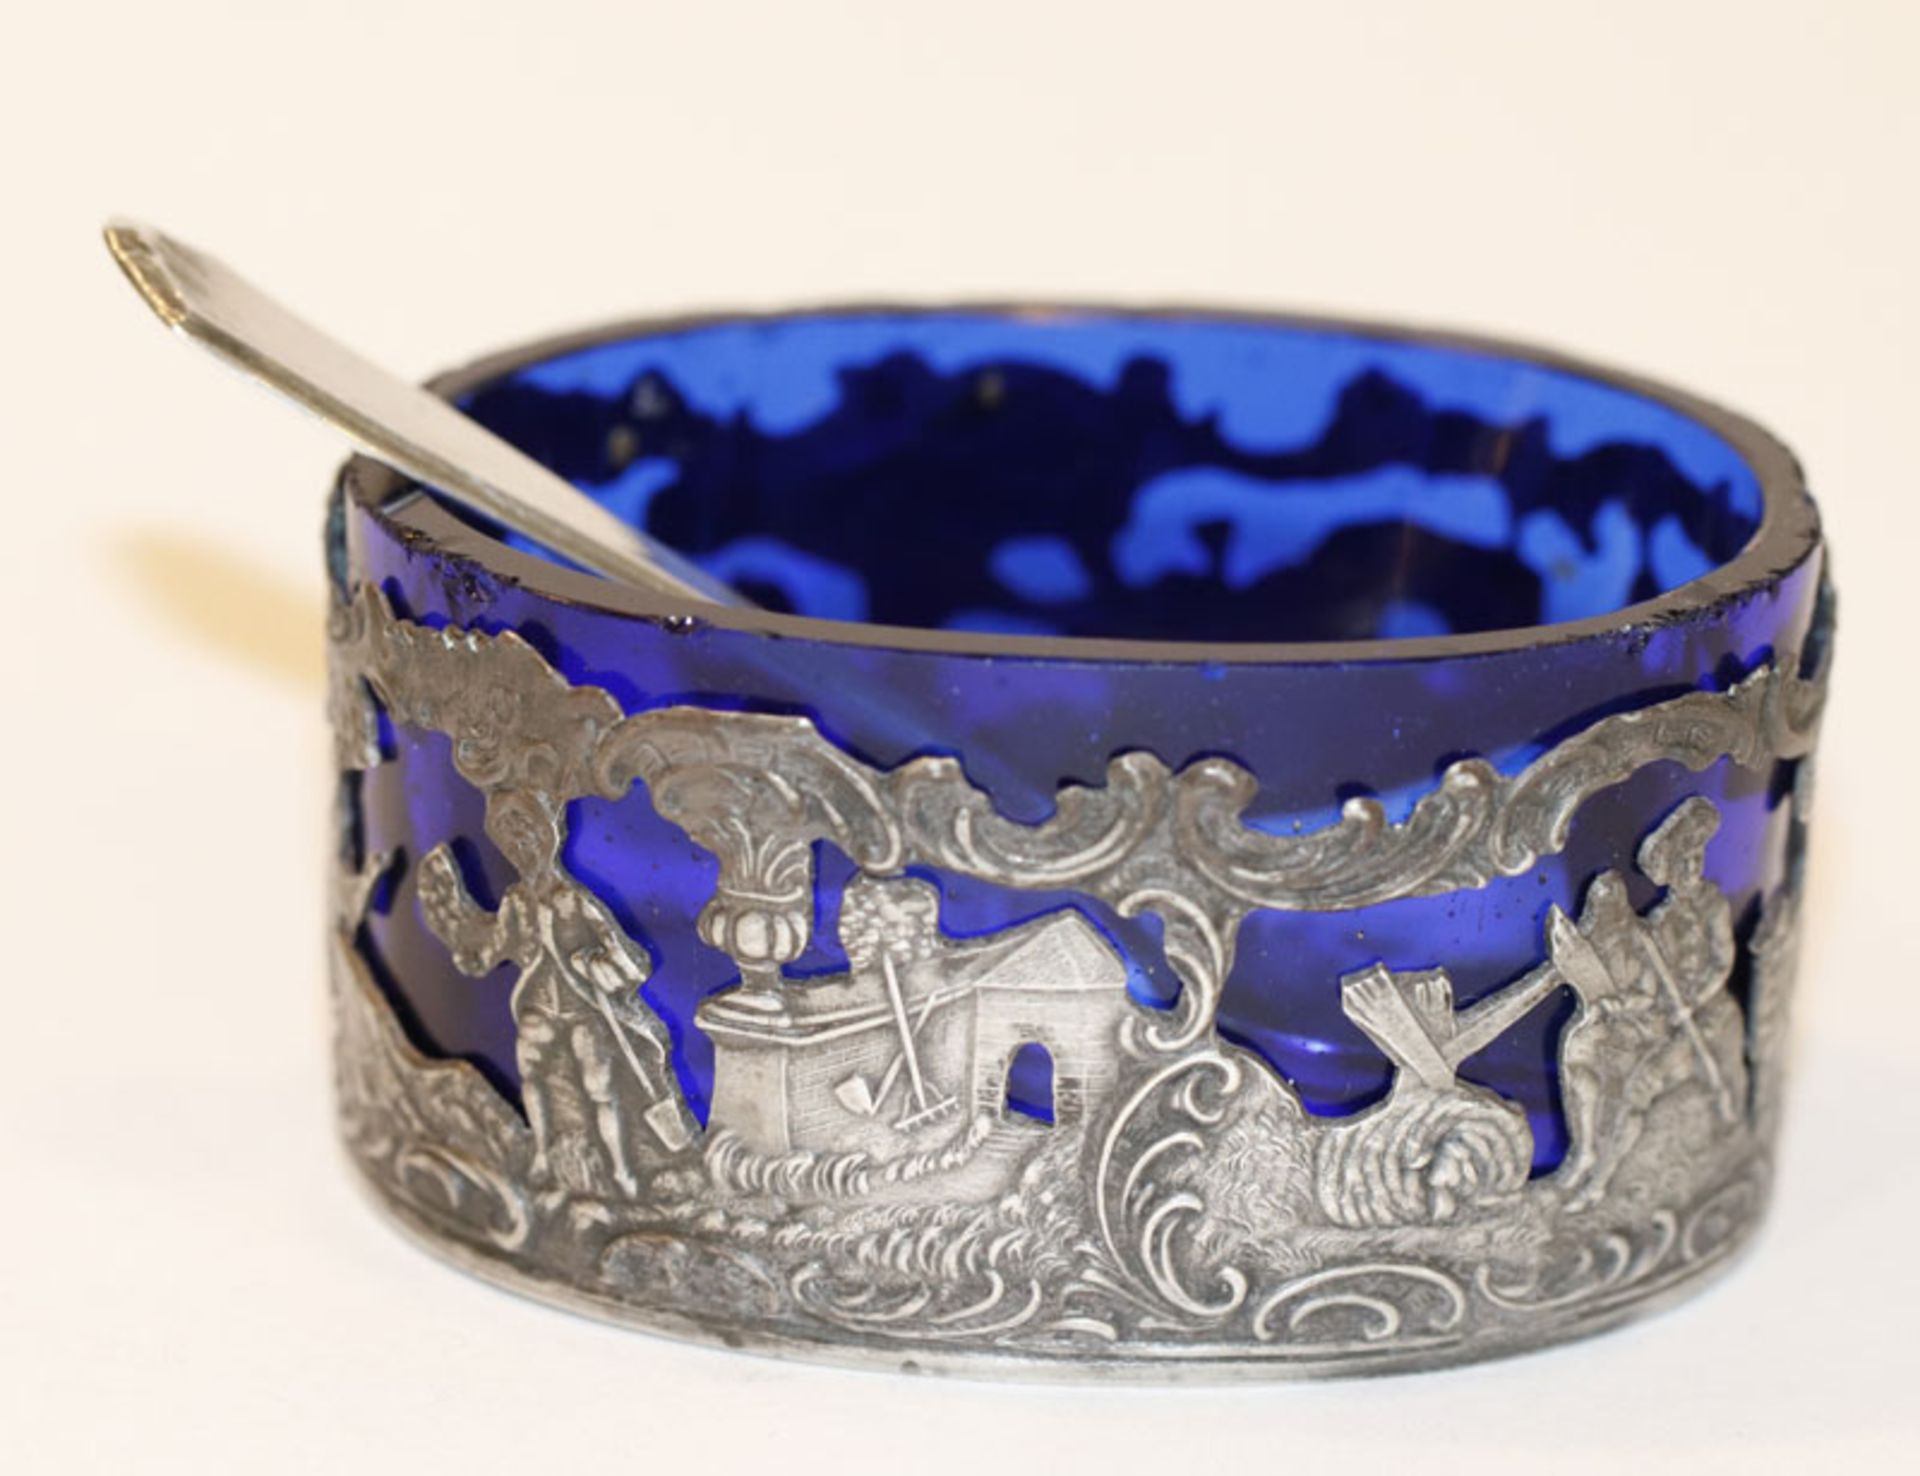 Salzgefäß, 800 Silber mit figürlichen Szenerien und Salzlöffel, blauer Glaseinsatz, bestossen